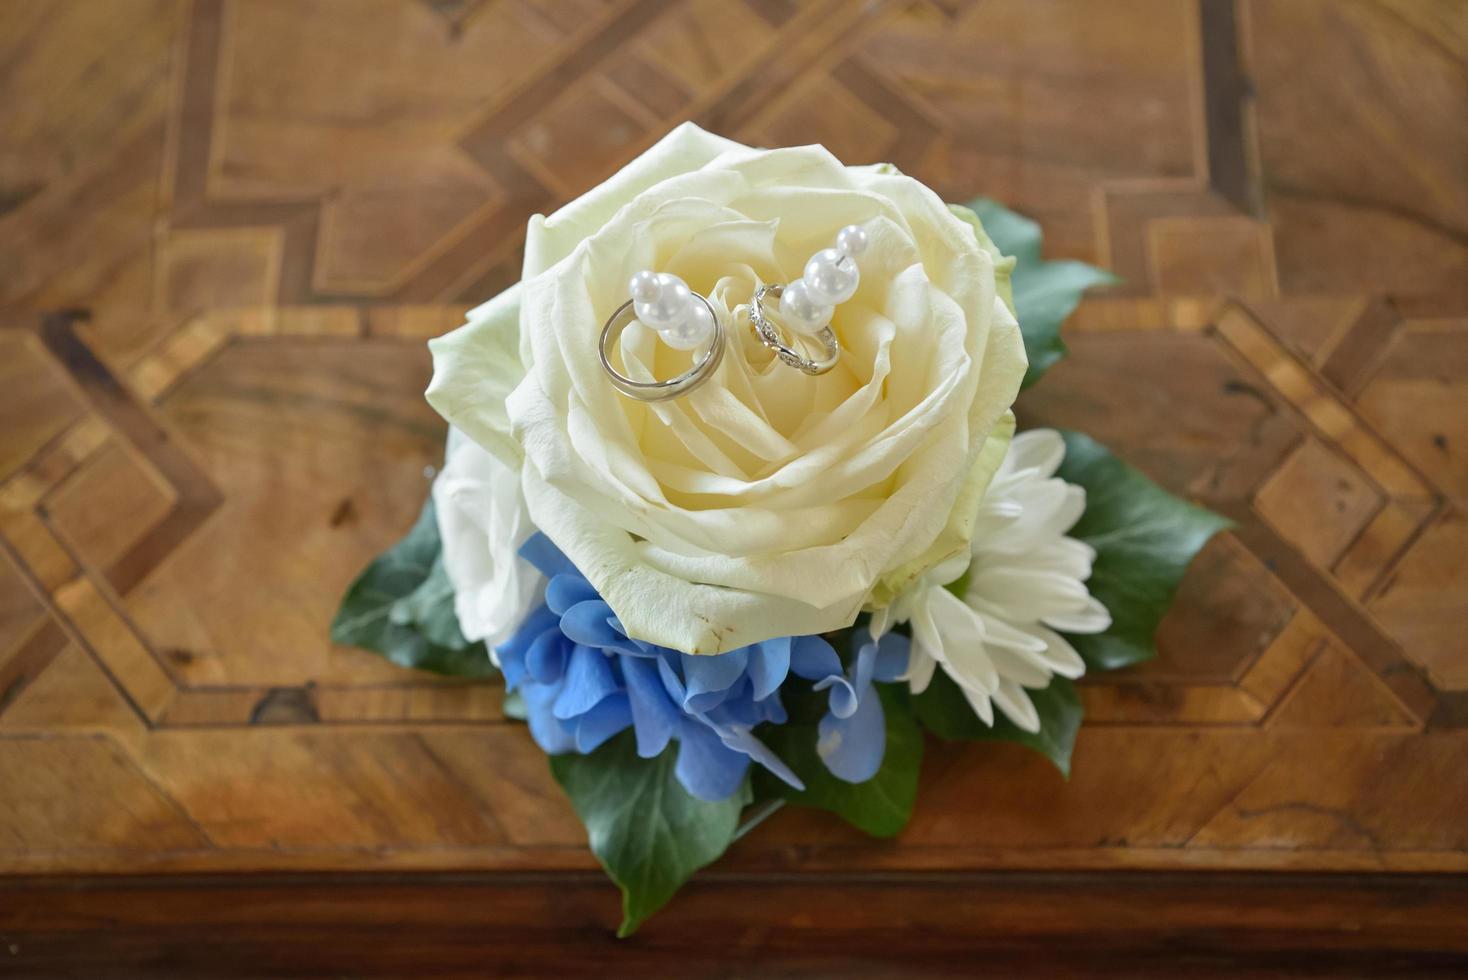 anneaux de mariage sur rose blanche photo